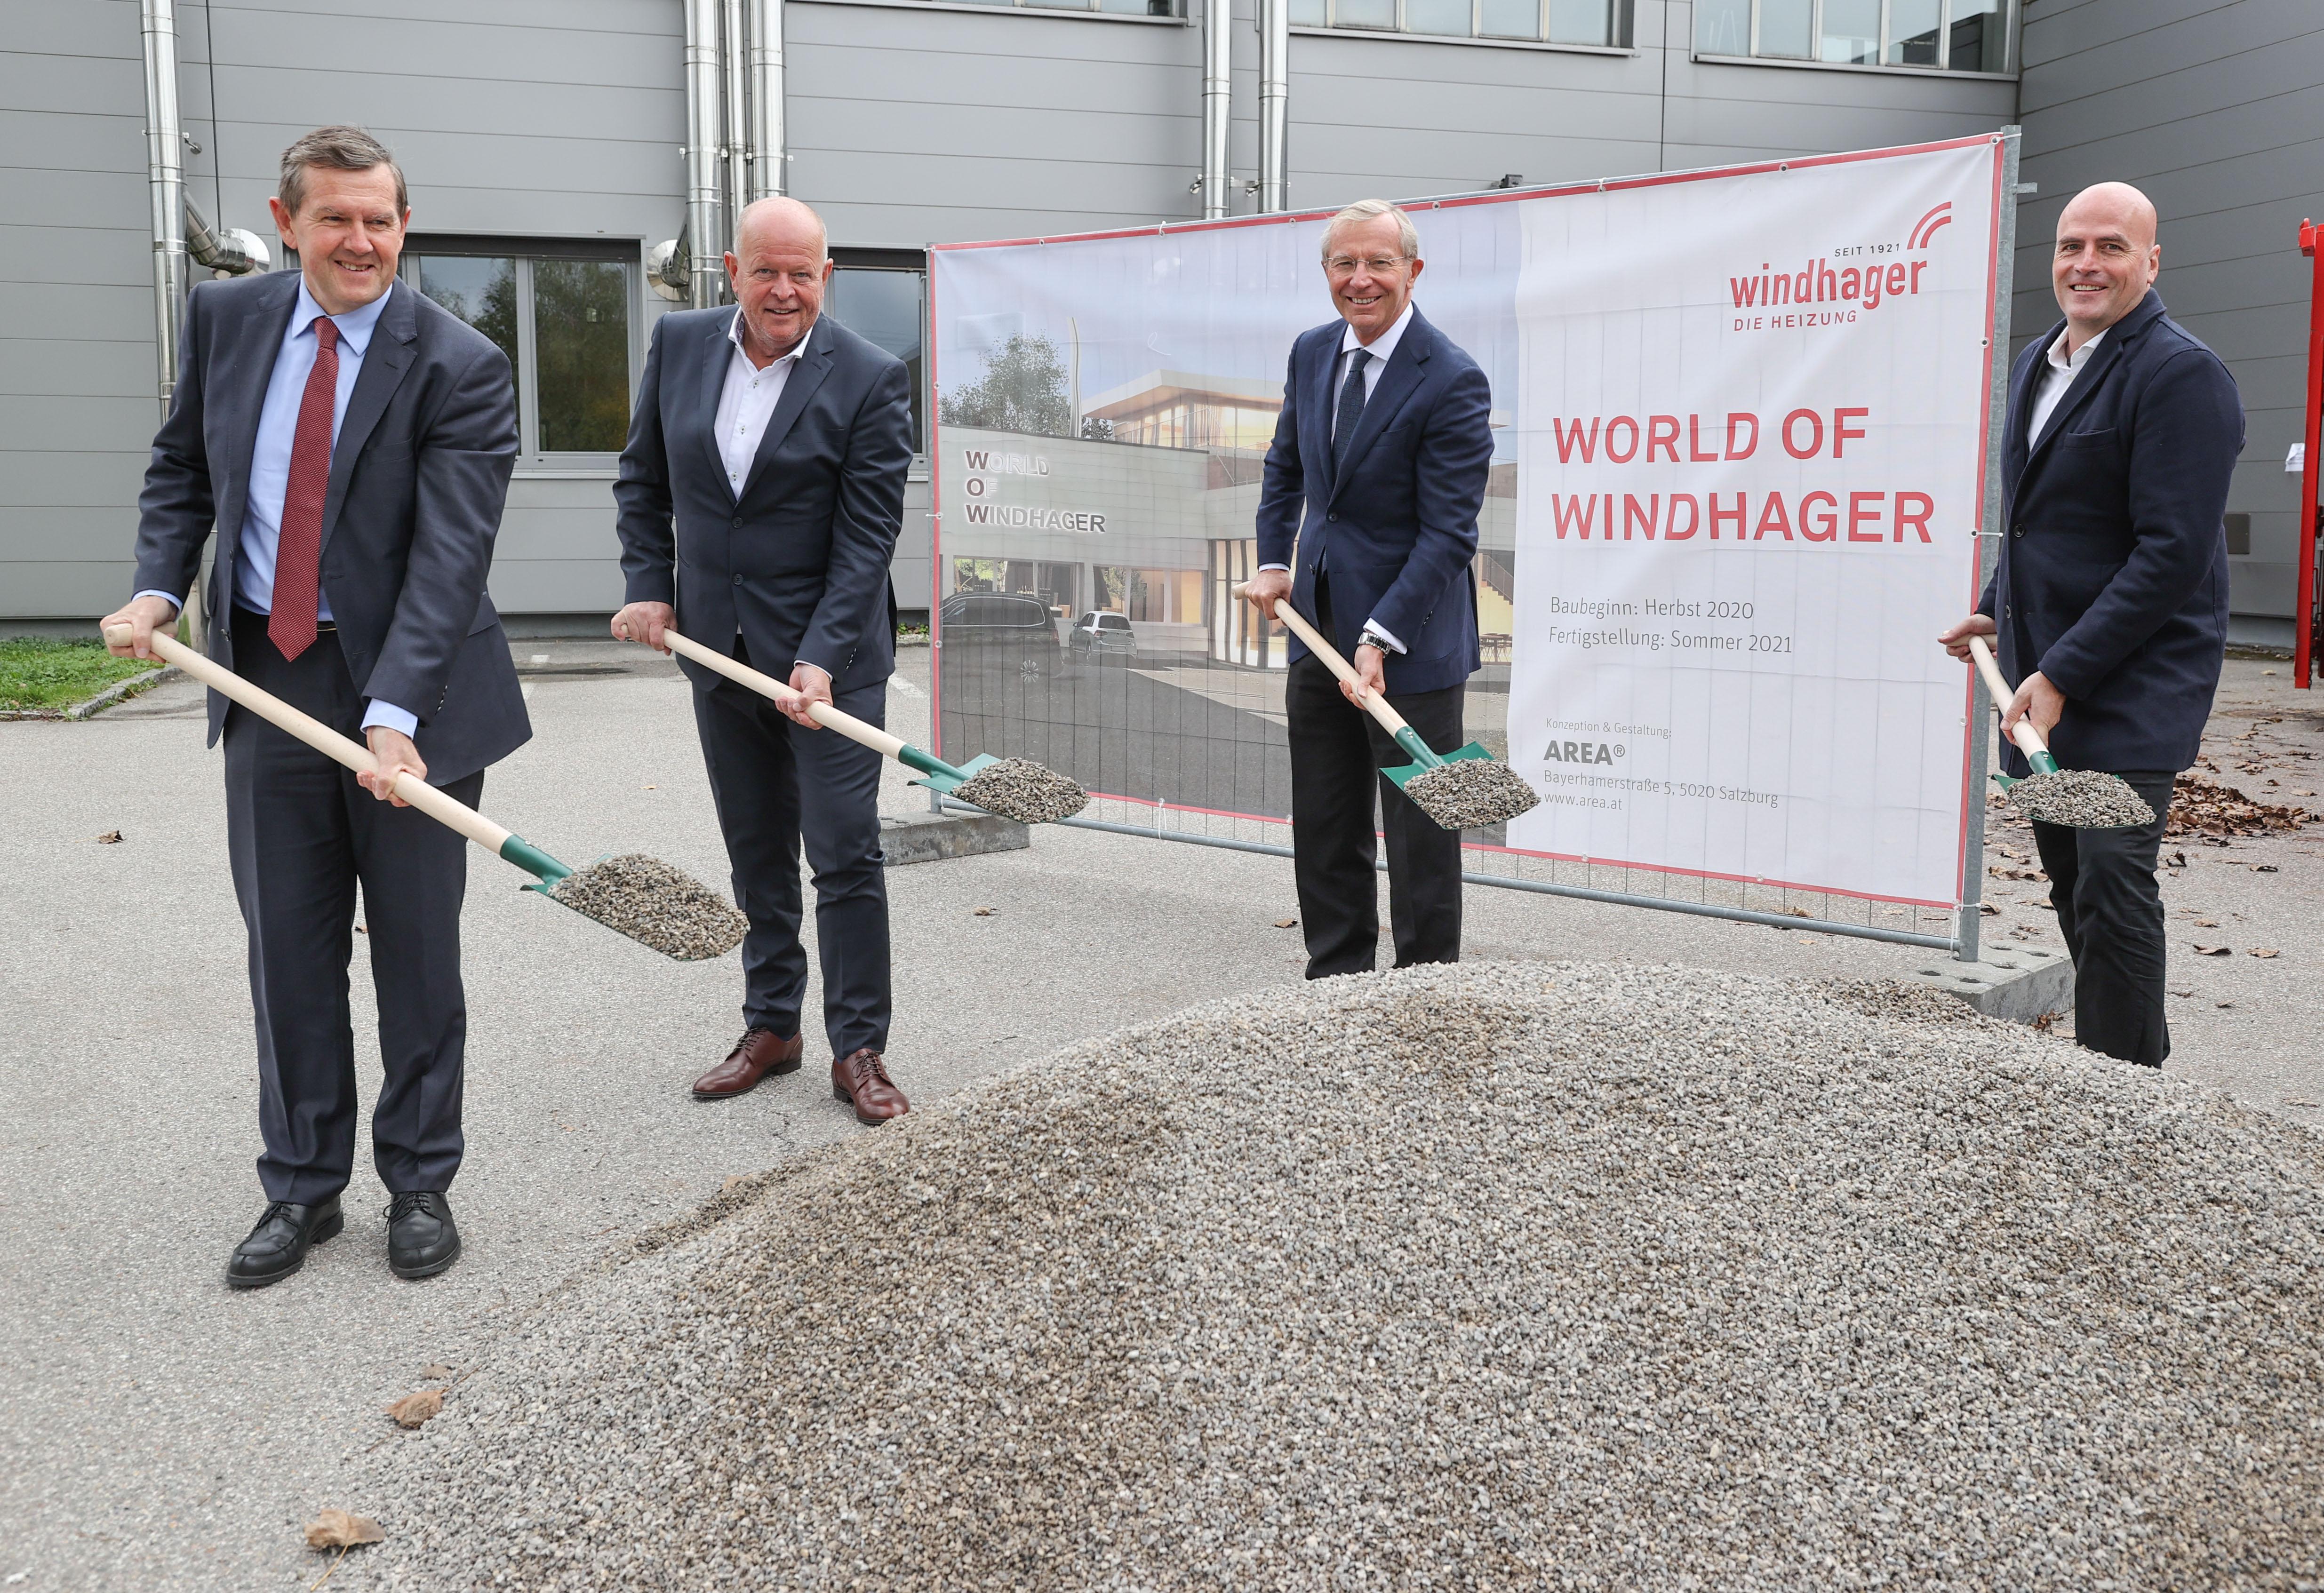 Spatenstich für die World of Windhager